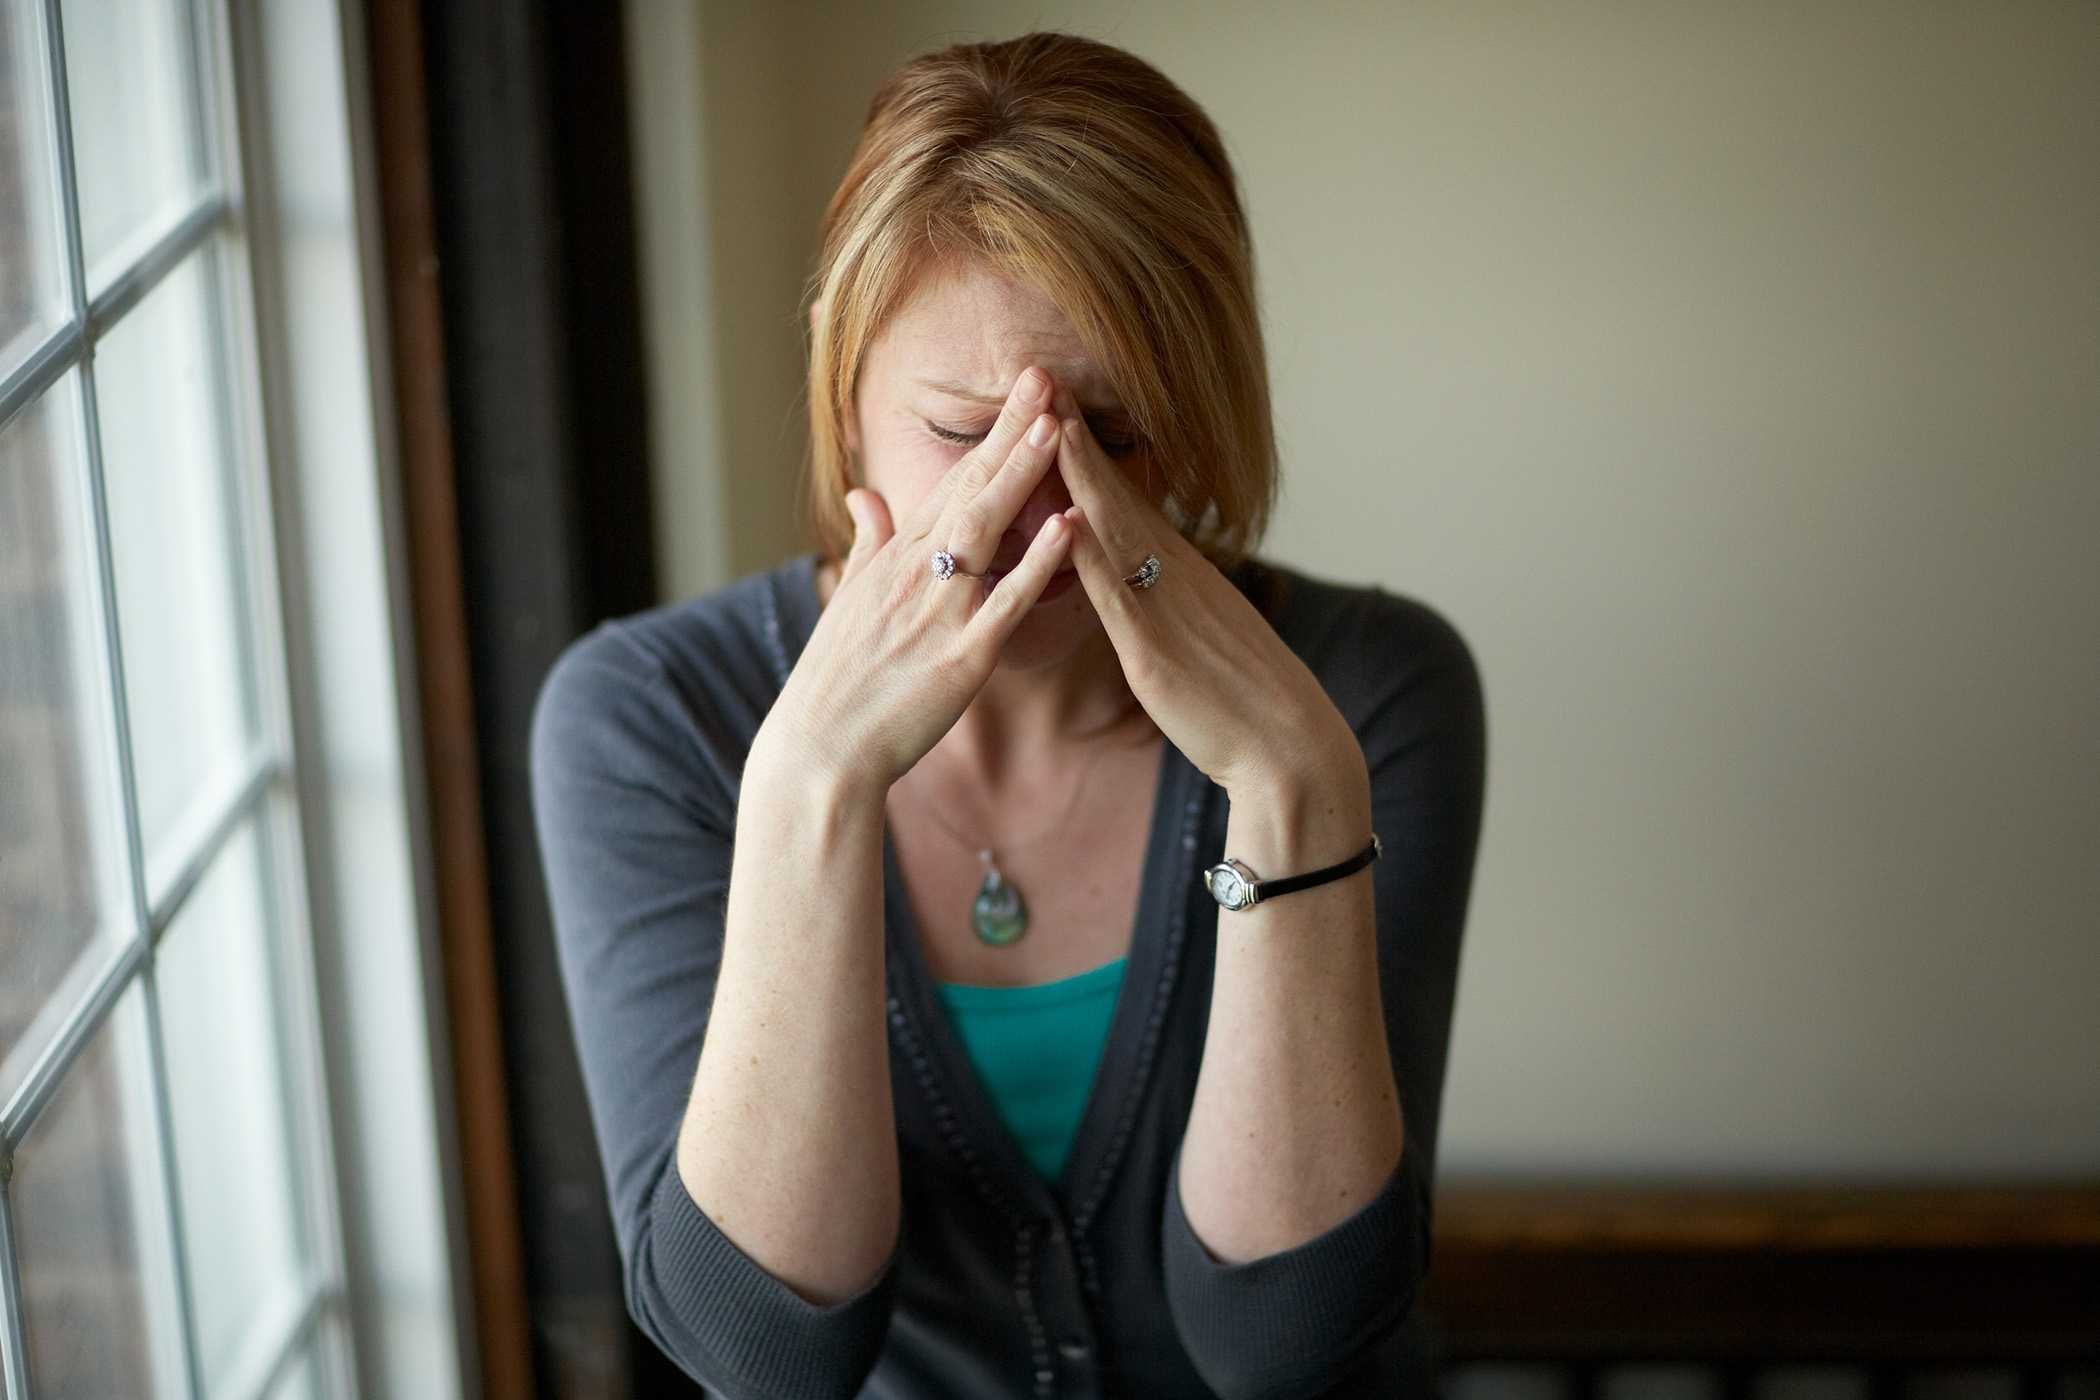 Лечение колдовства с депрессией и галлюцинациями | ummahweb